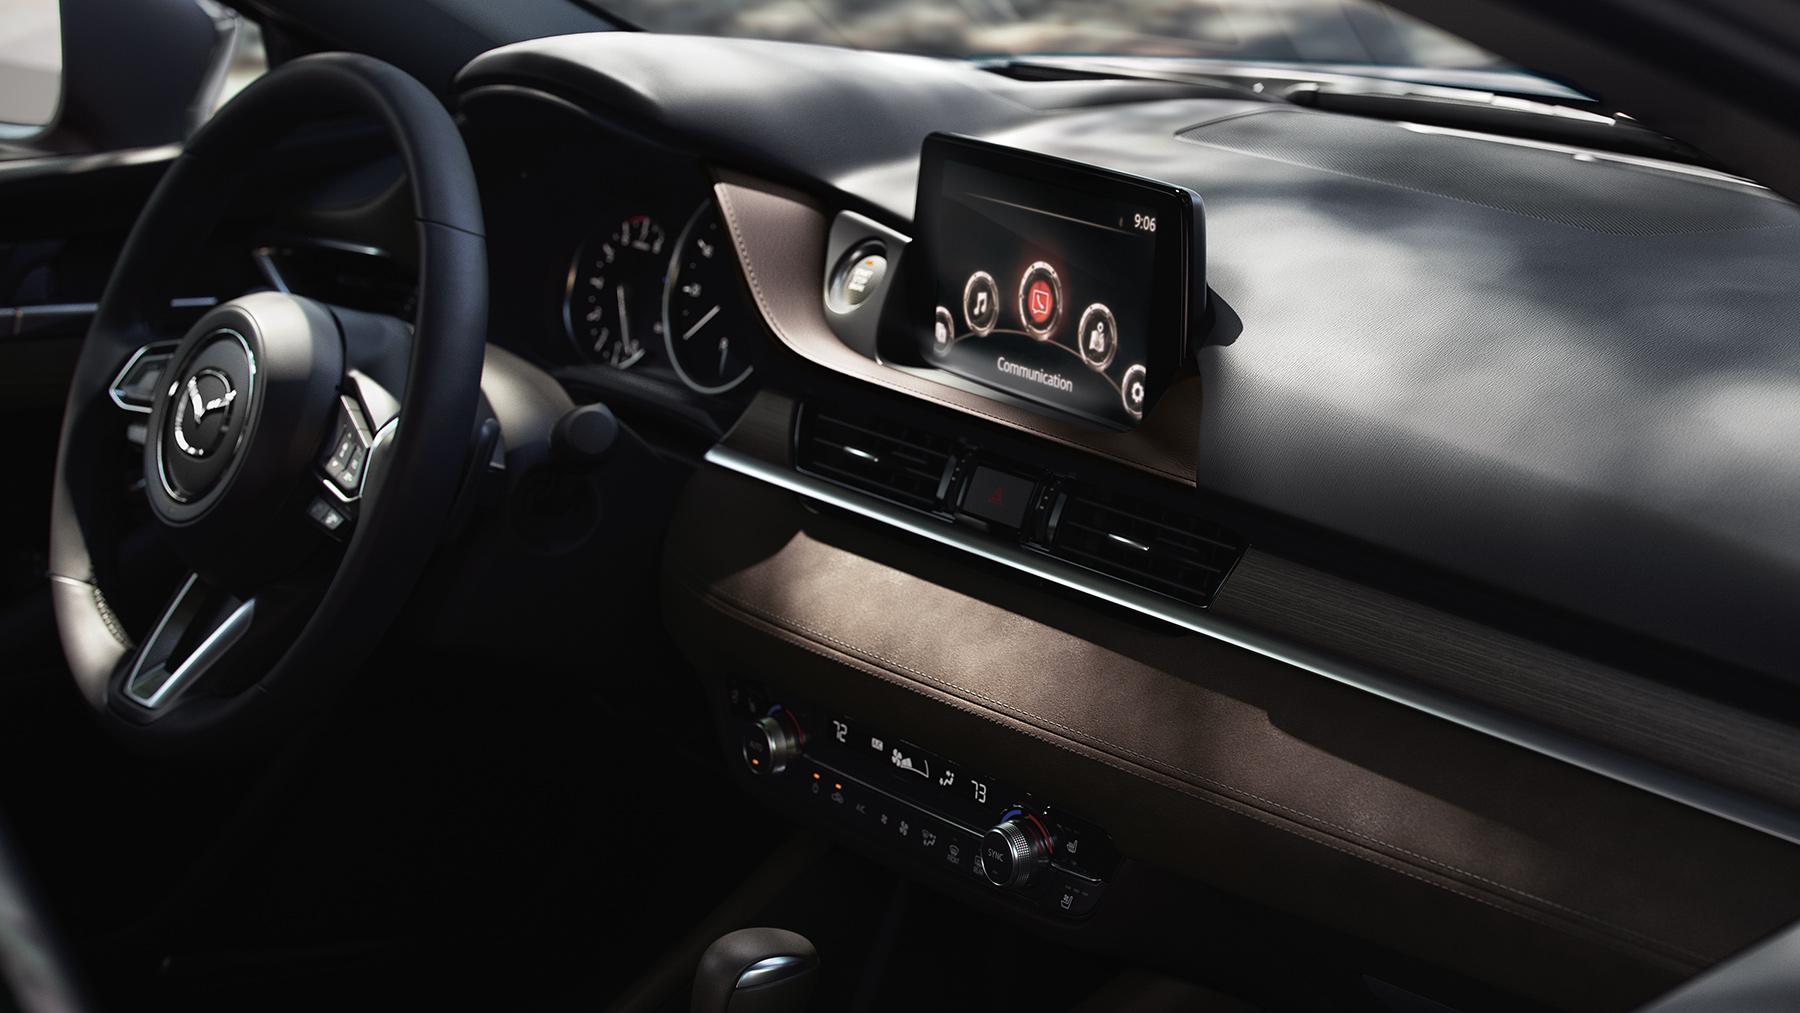 2020 Mazda6 Center Console